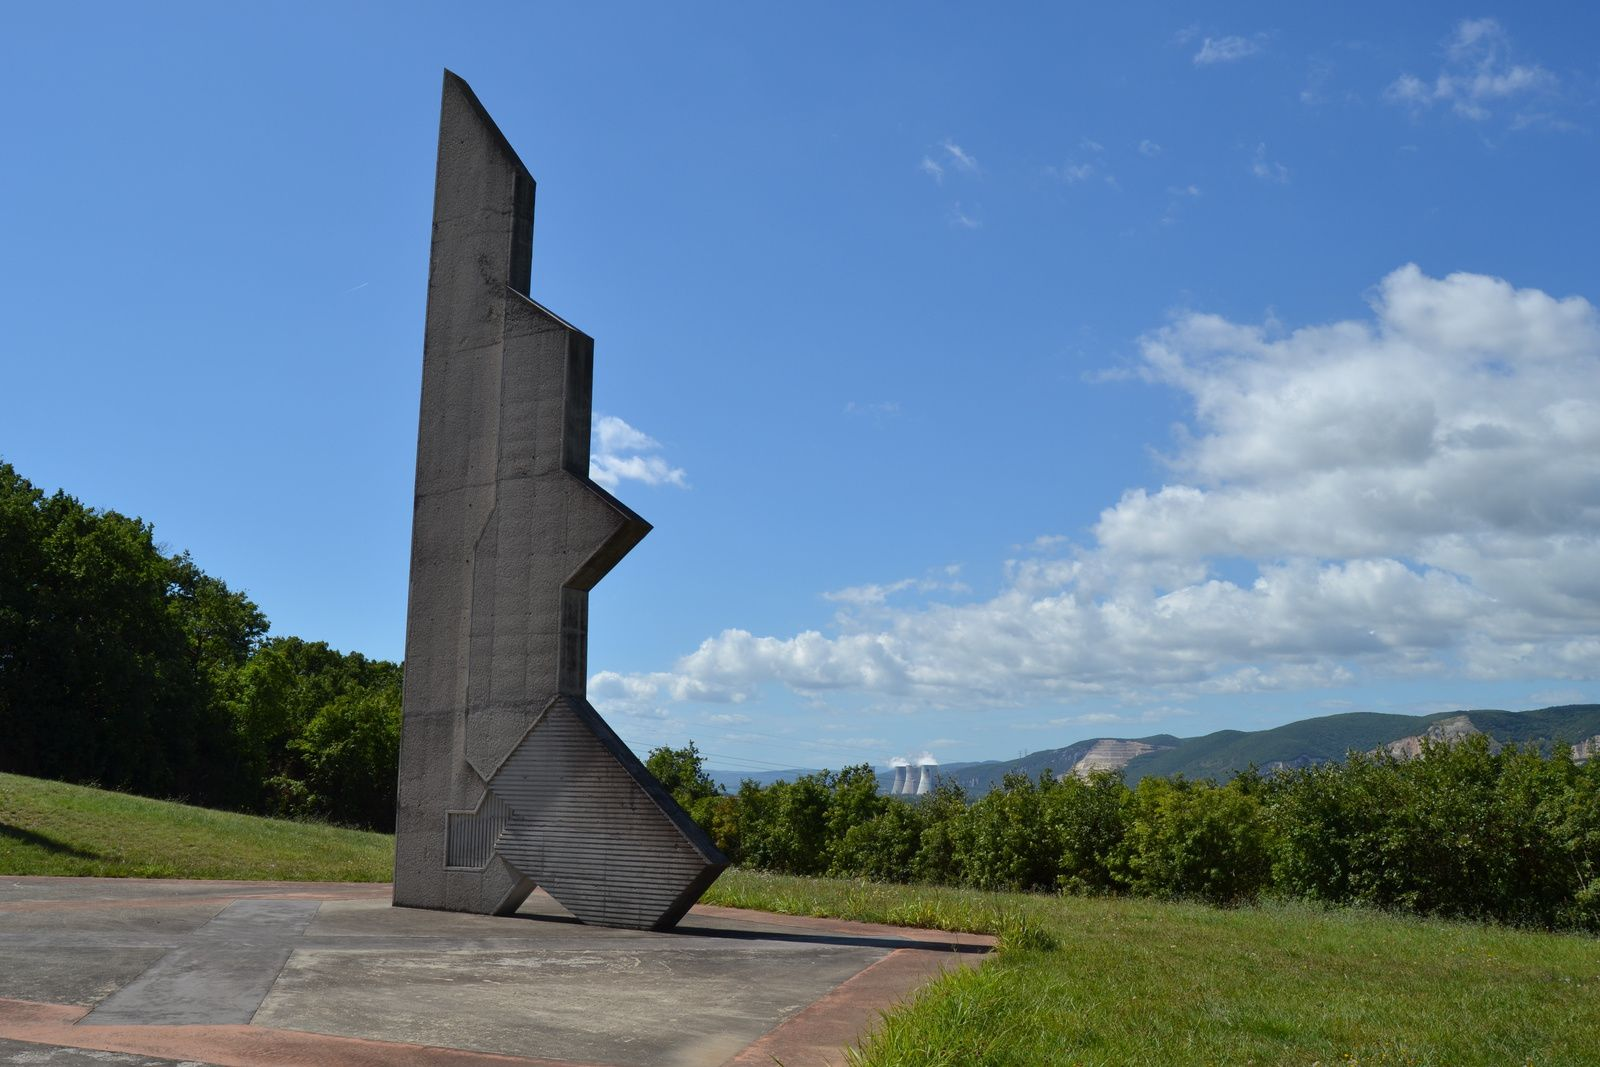 D'une hauteur de seize mètres, le monument représente, stylisé, le contour géographique du département. Il symbolise la Drôme debout. Vu sous un angle différent, il suggère, toujours stylisé, la silhouette d'un fusil‐mitrailleur.(Au second plan, les cheminées de la centrale nucléaire EDF de Cruas)